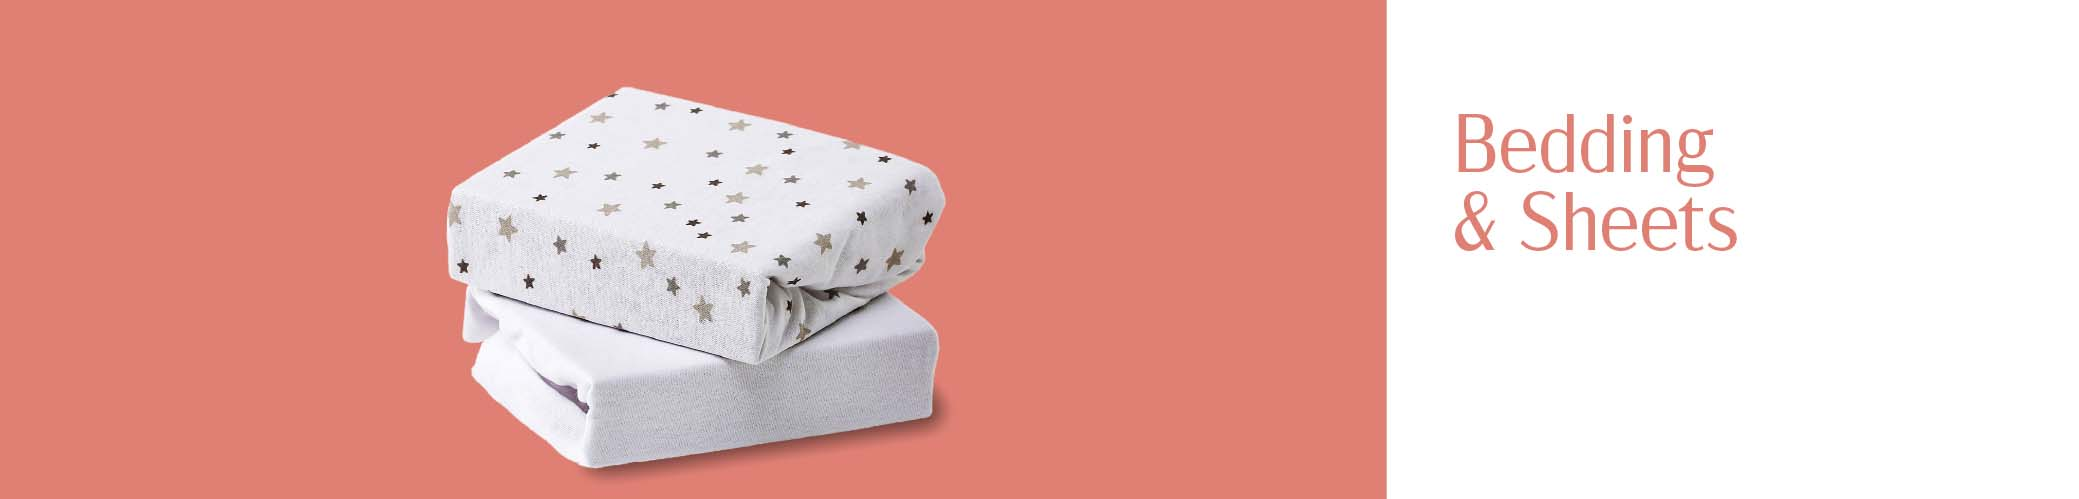 -65-bedding-sheets-internalbanner-june21.jpg